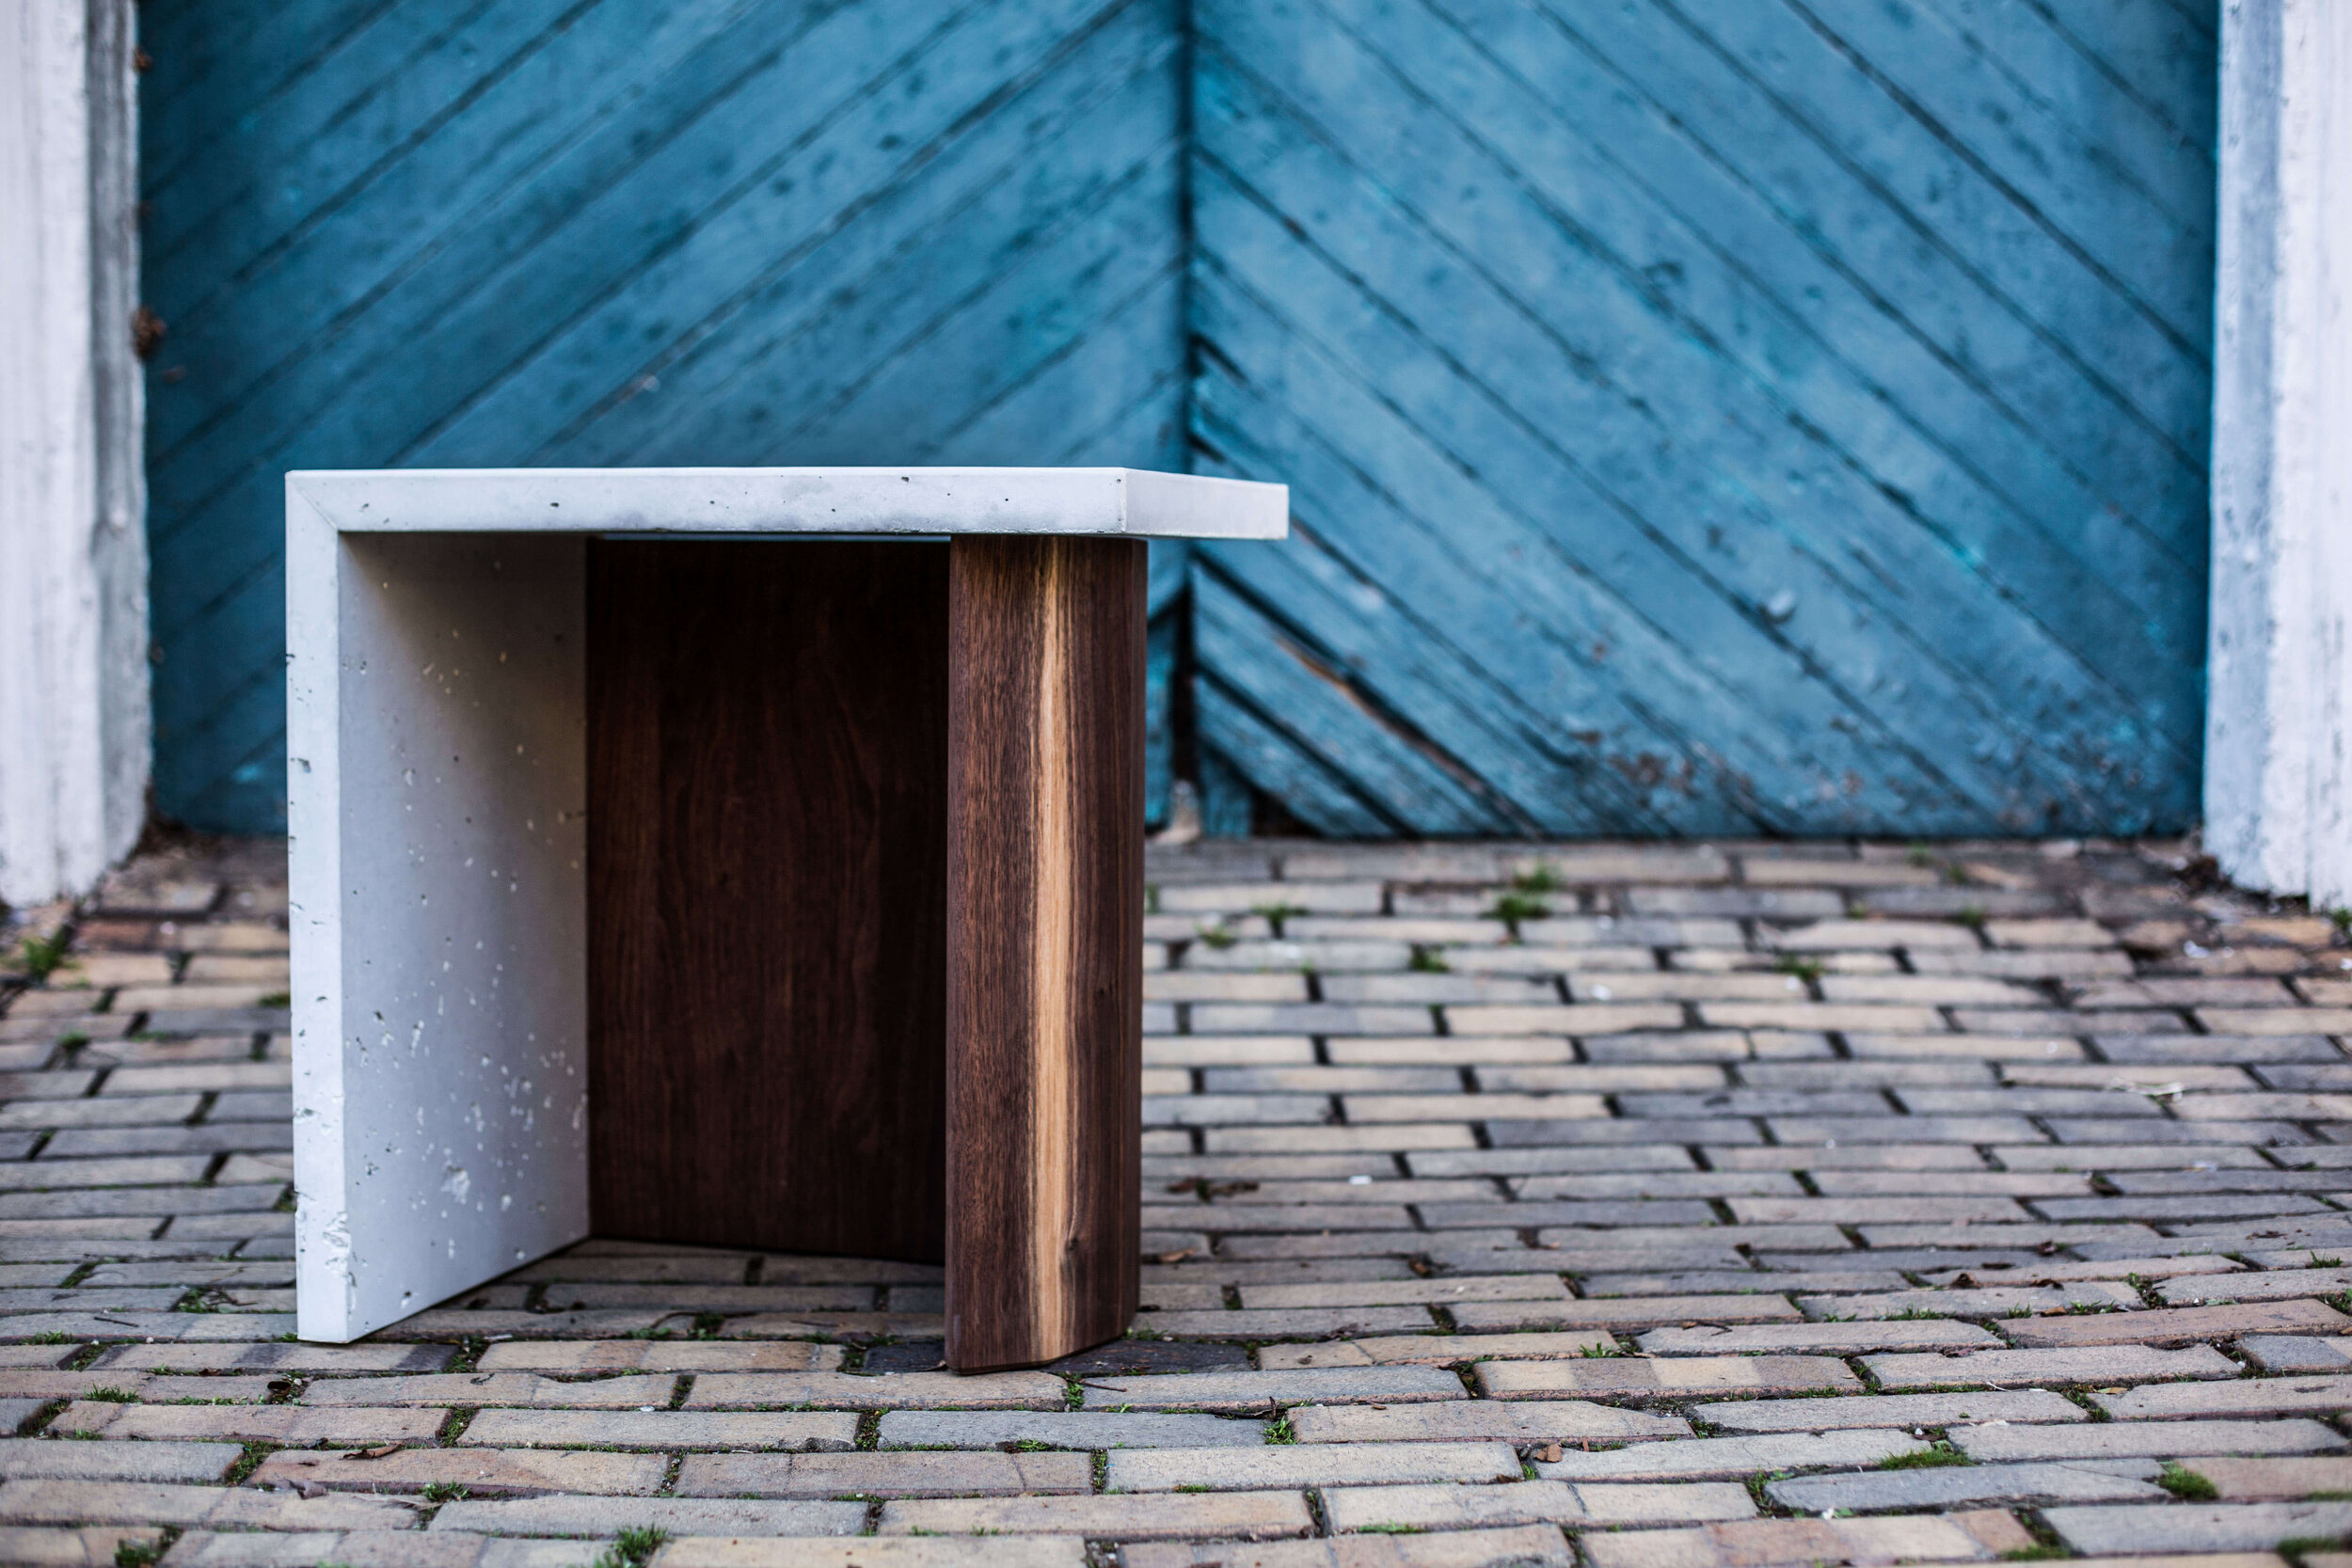 Alicia_Dietz_Modern_Home_Contemporary_Design_Concrete_Furniture_2